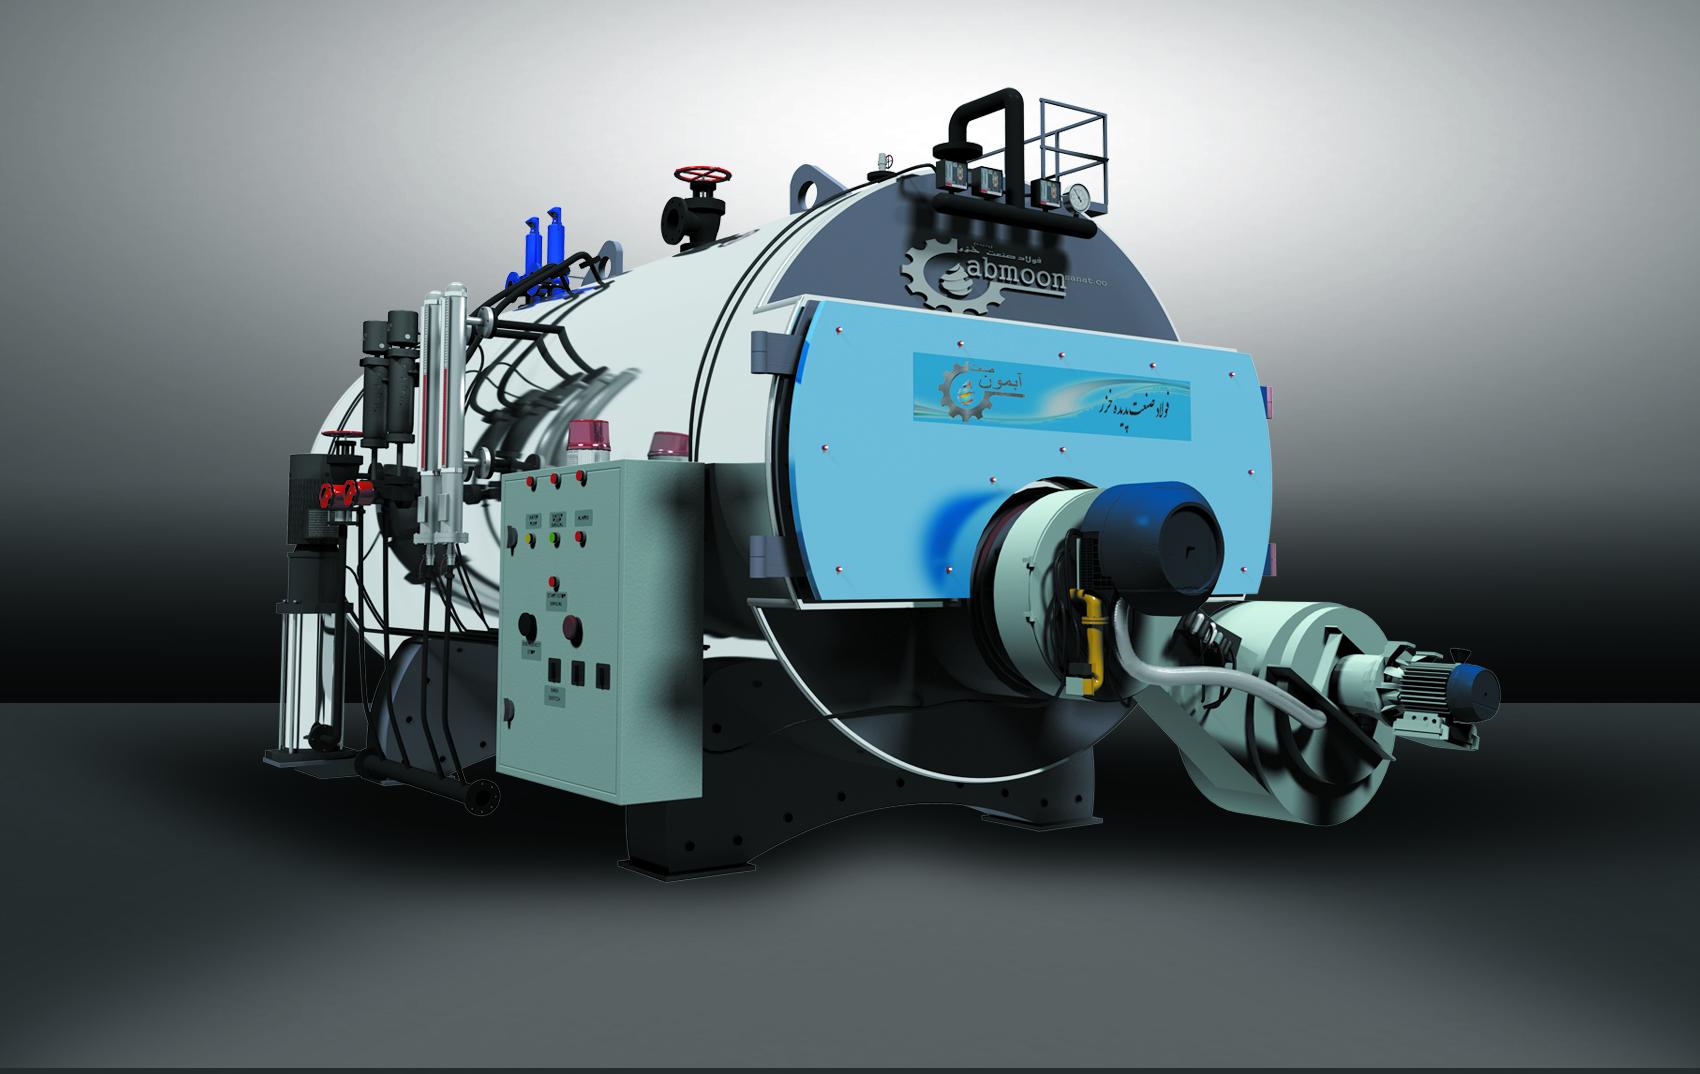 دیگ بخار و دیگ روغن داغ آبمون صنعتدیگ بخار و دیگ روغن داغ آبمون صنعت